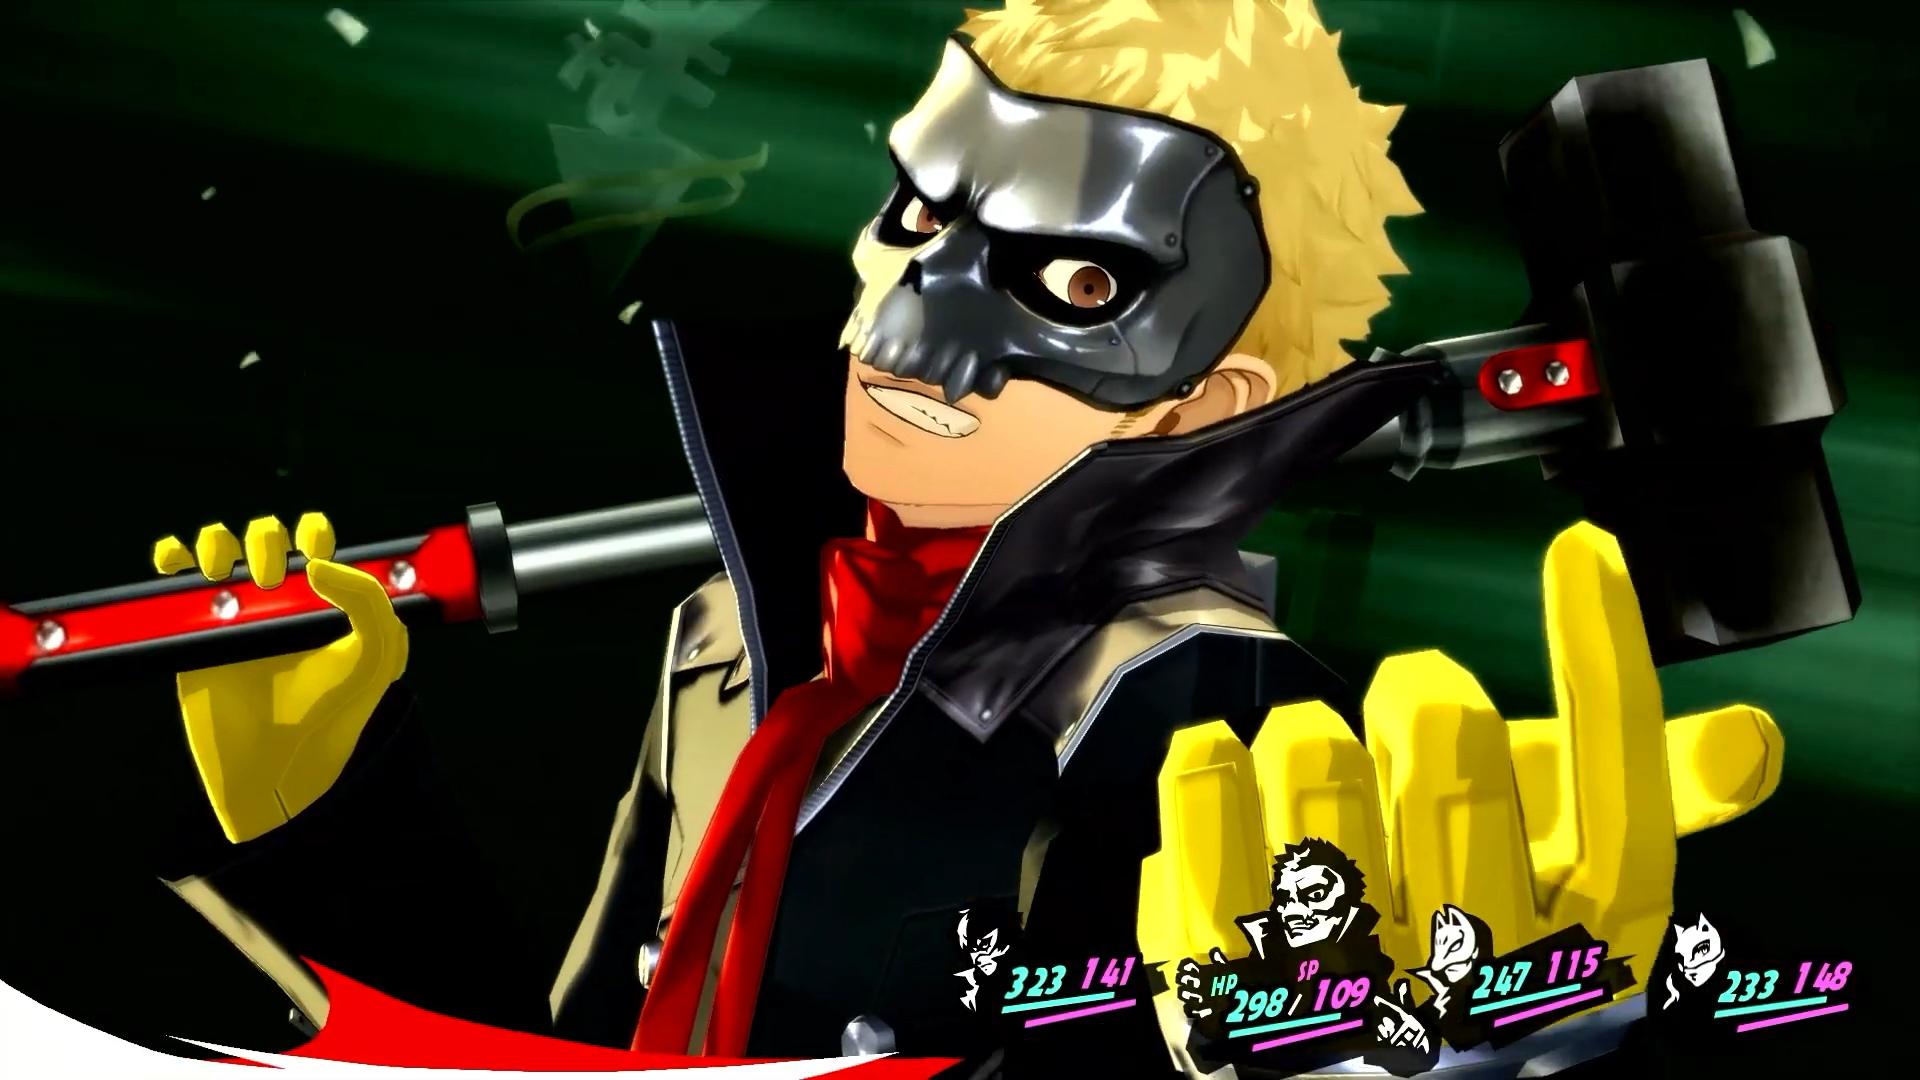 Persona 5 5.jpg - Persona 5